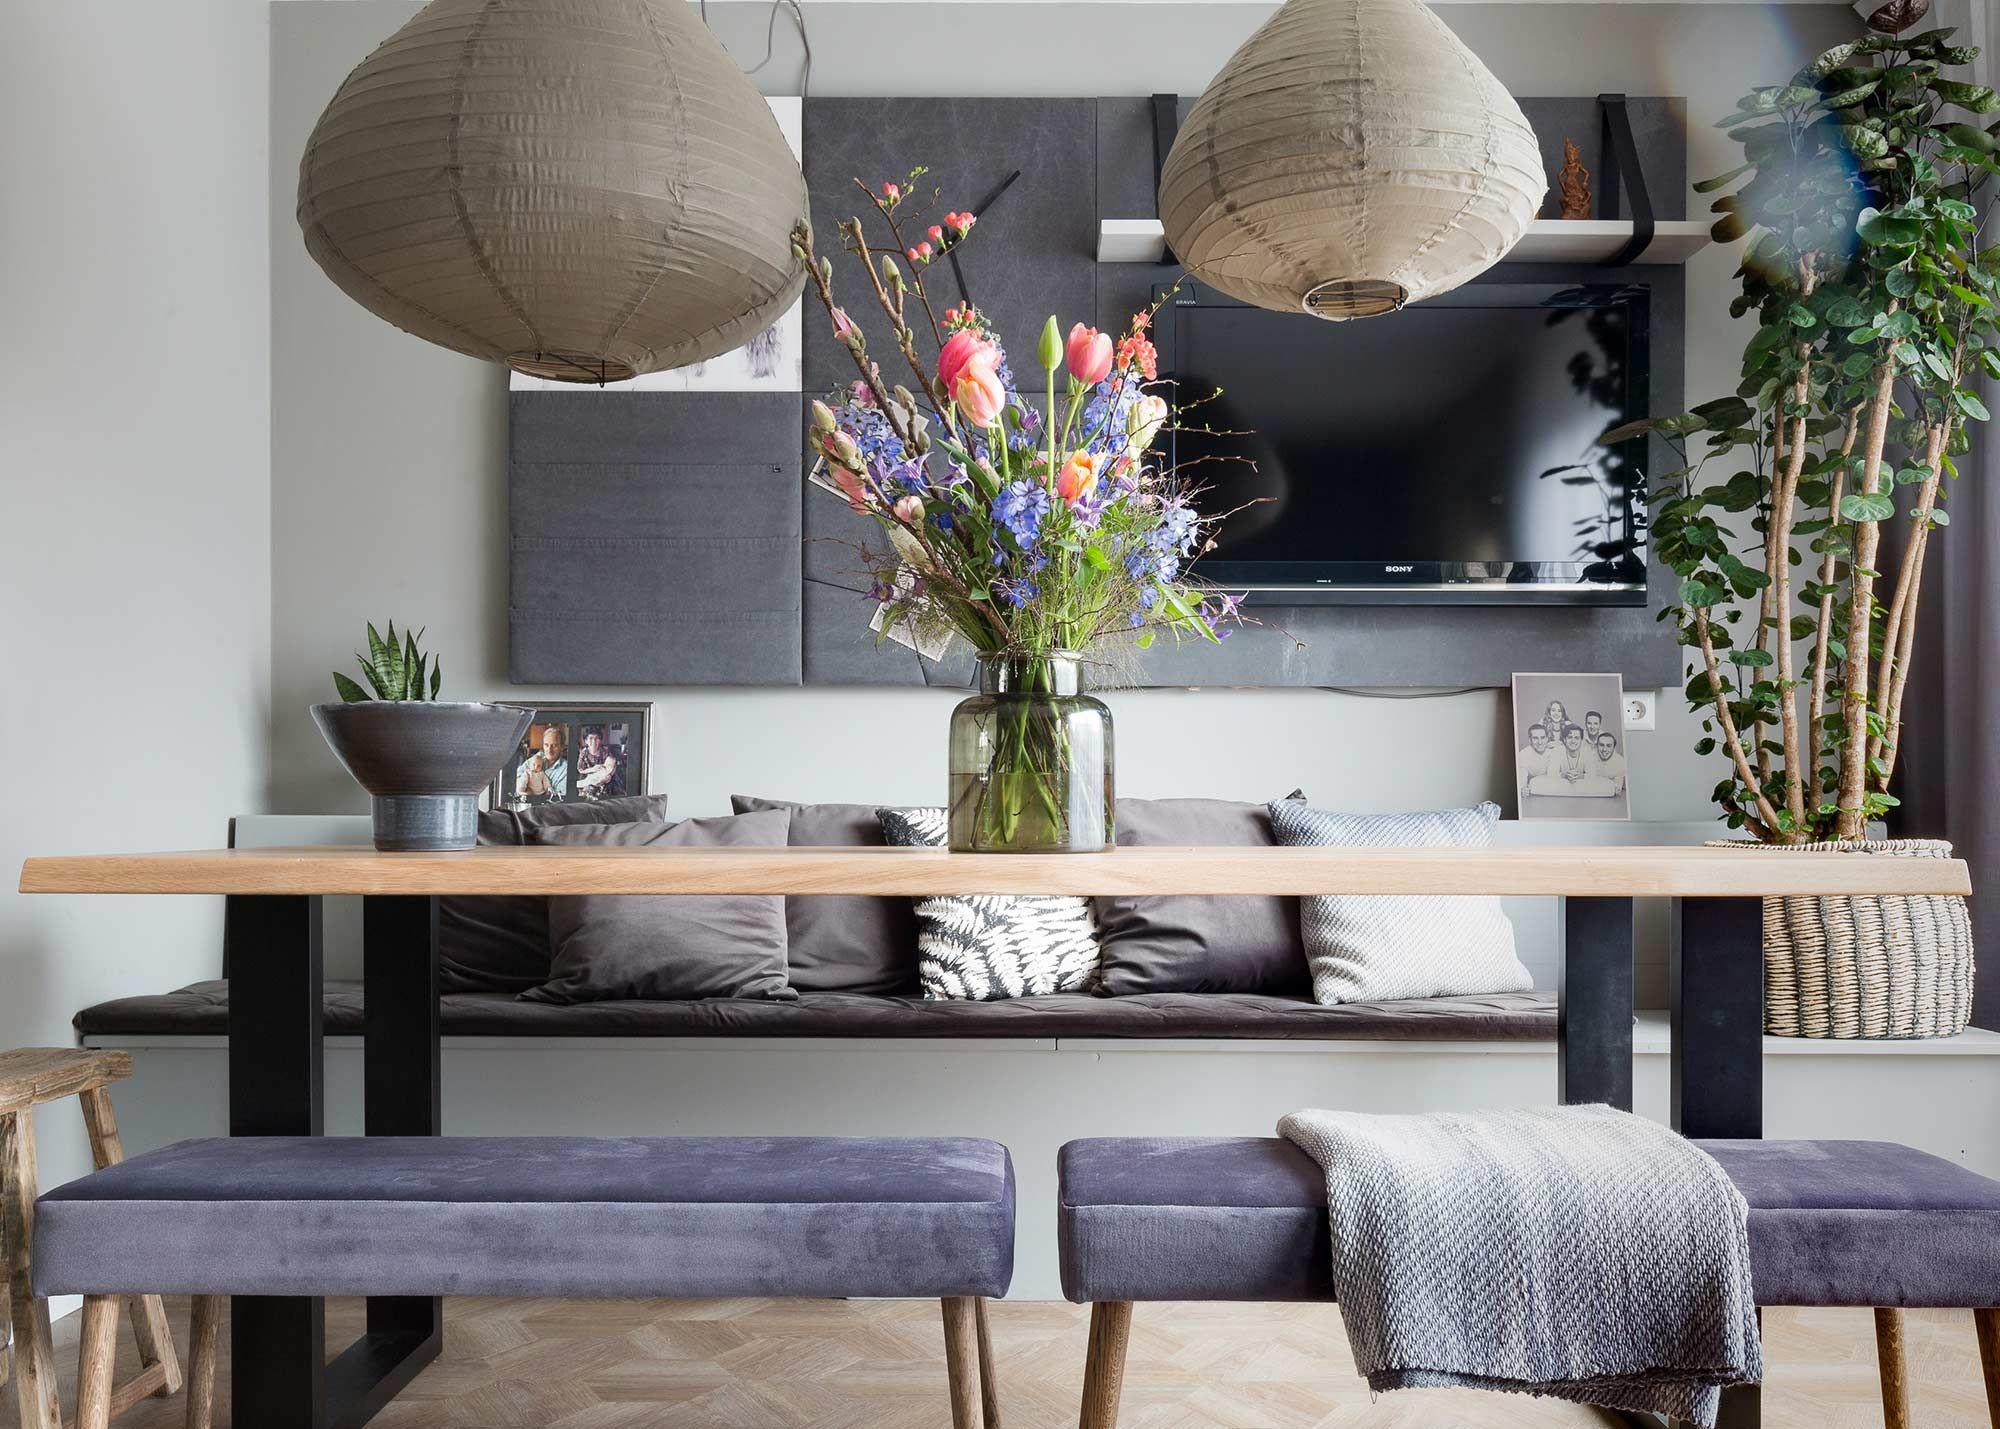 Epingle Par Magali Leclerc Sur Living Room Deco Maison Decoration Maison Decoration Interieure